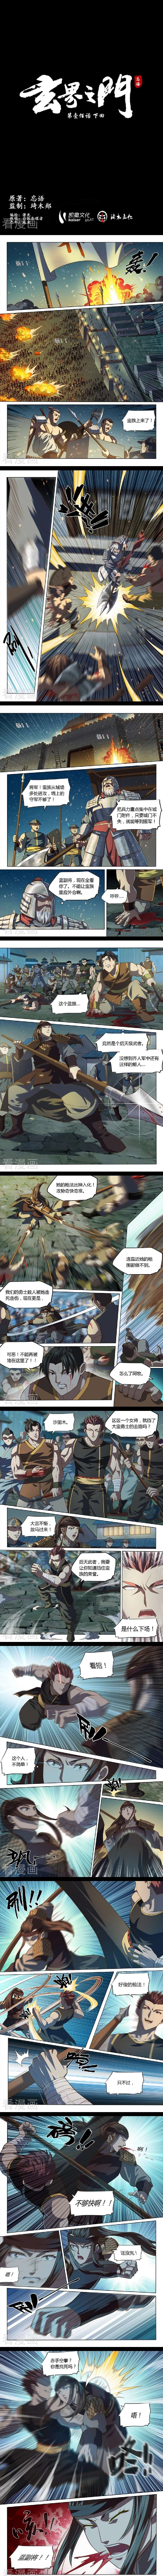 【漫画更新】冥界之门~